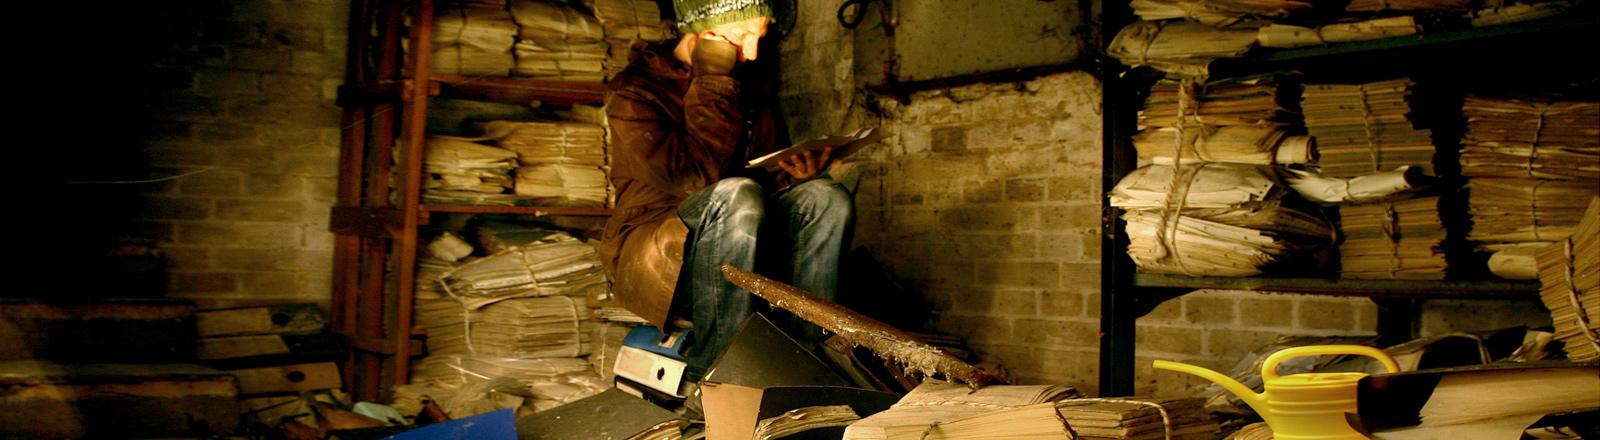 Eine Person sitzt auf einem Haufen Akten und Ordnern in einem dunklen Raum.